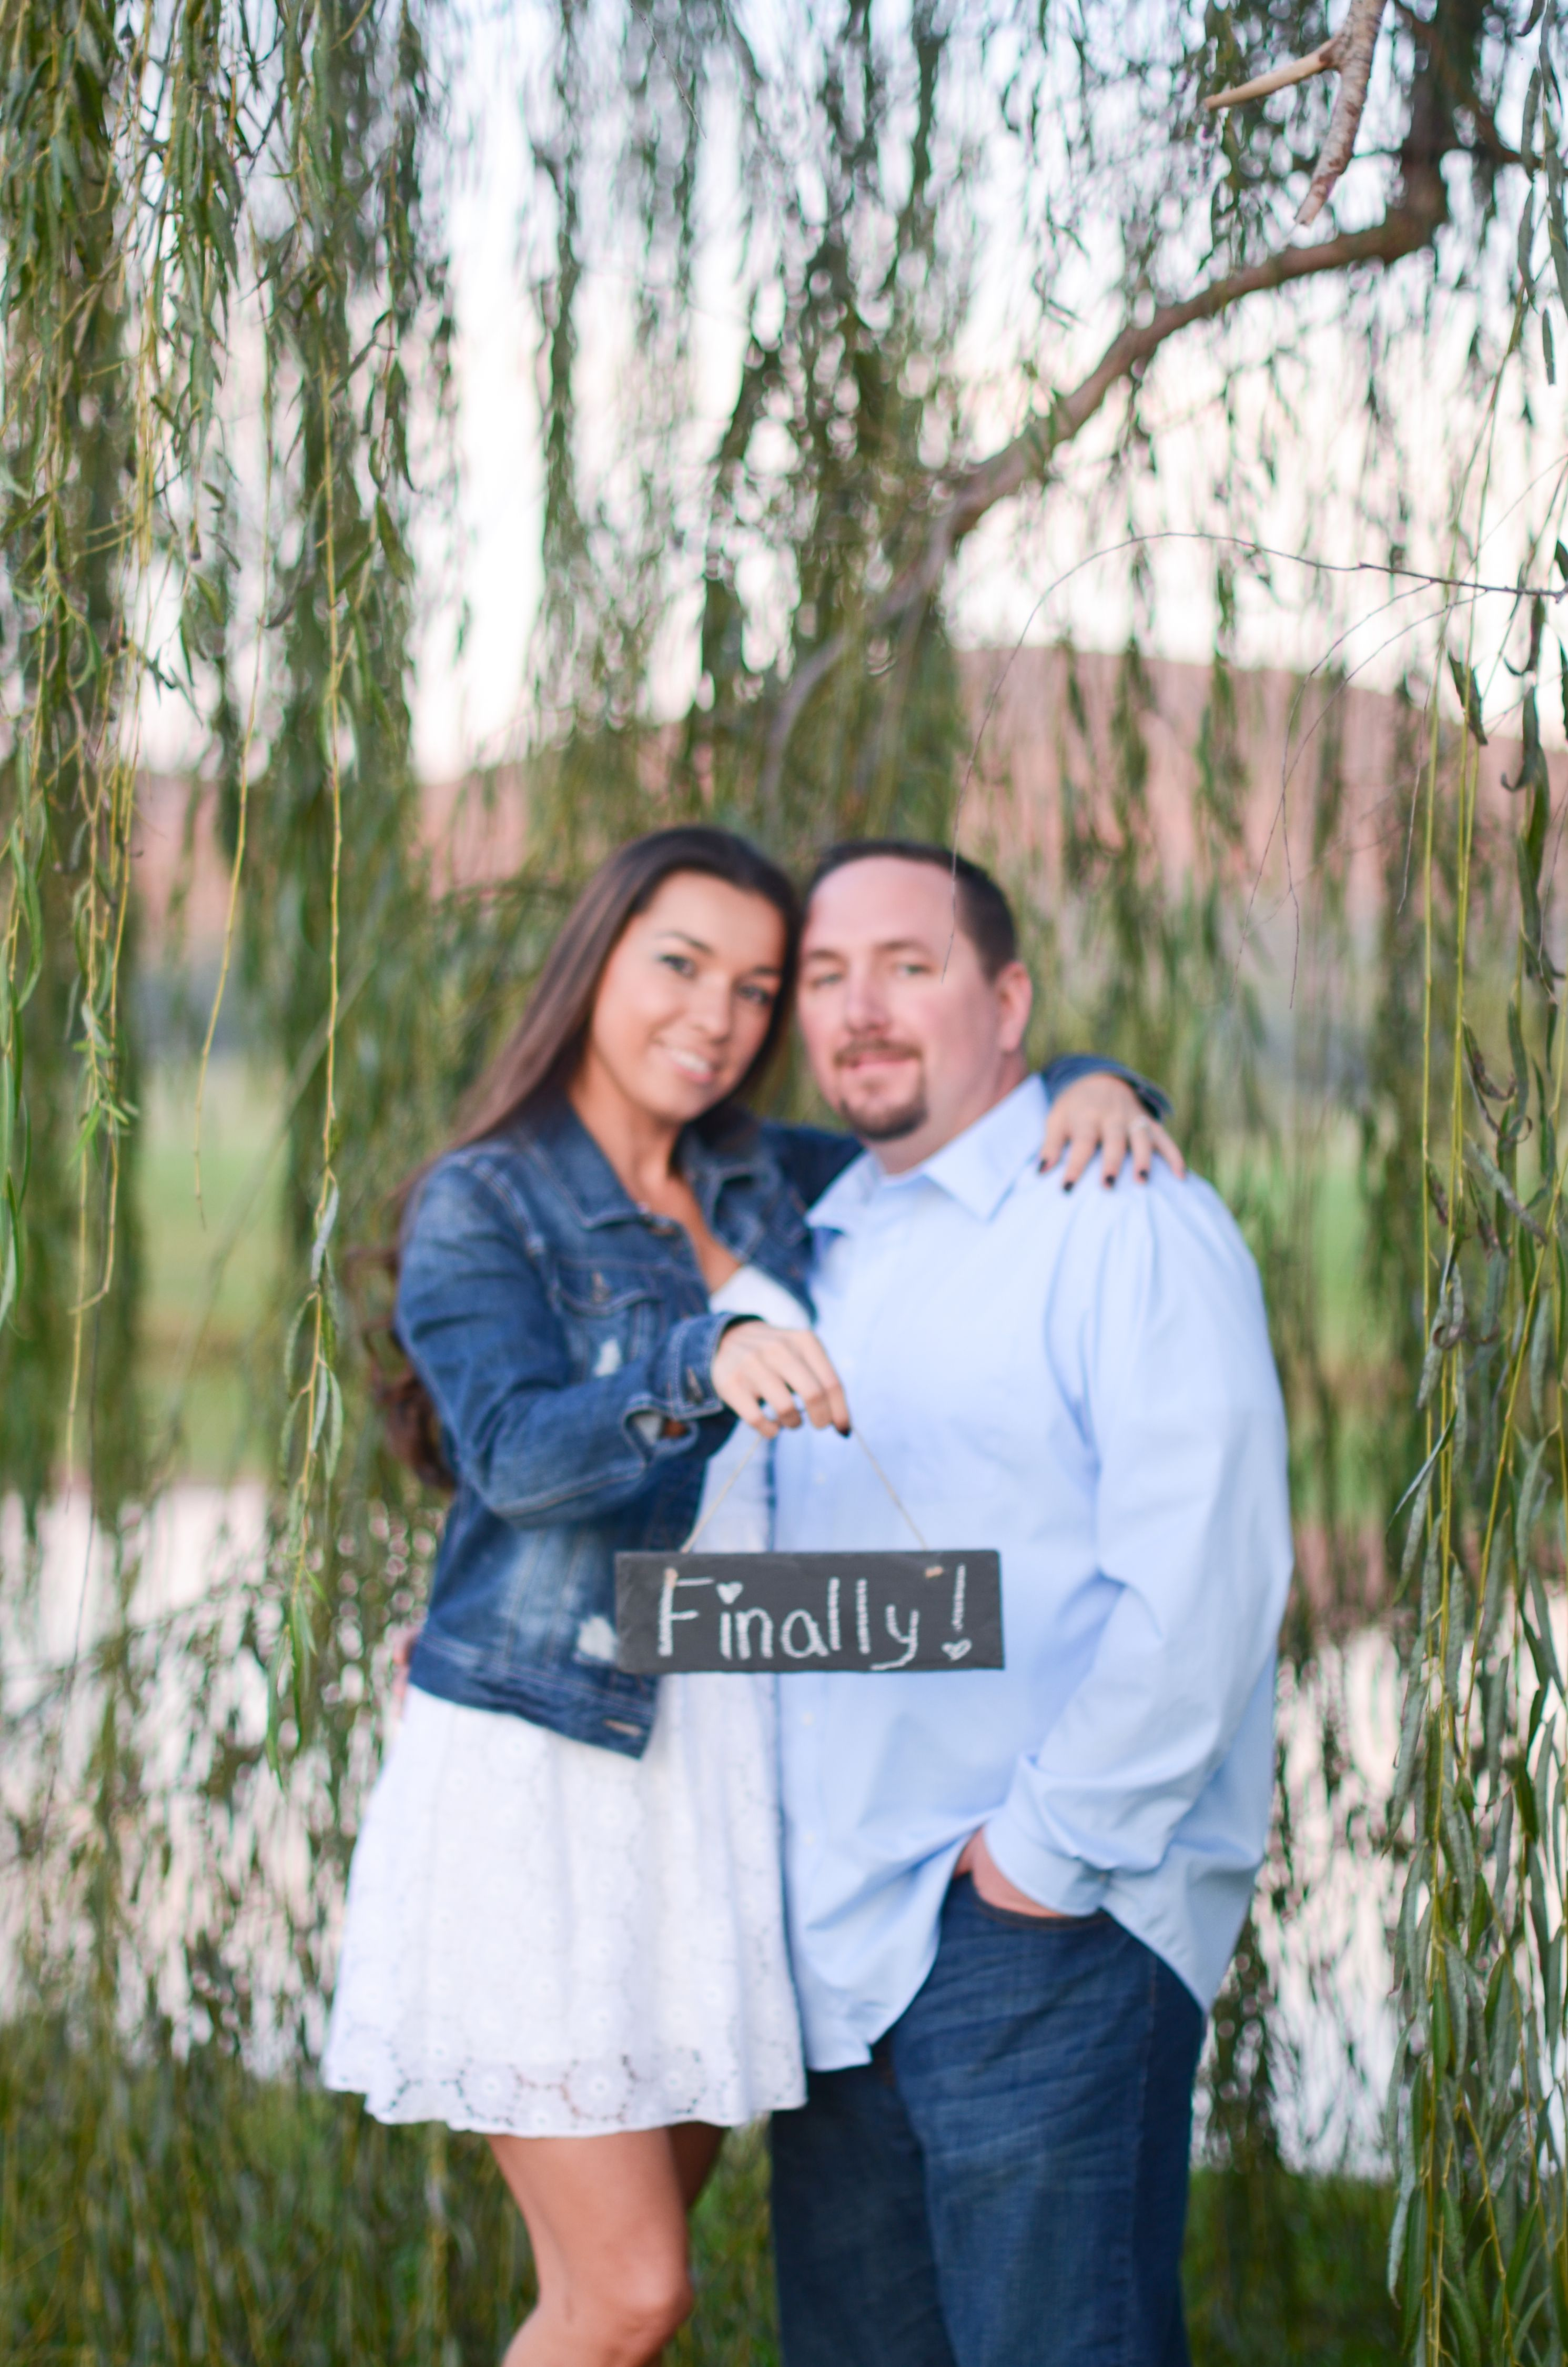 Engagements. #sdwphotography #alabamaphotographer #engagements #huntsville #noalaweddings